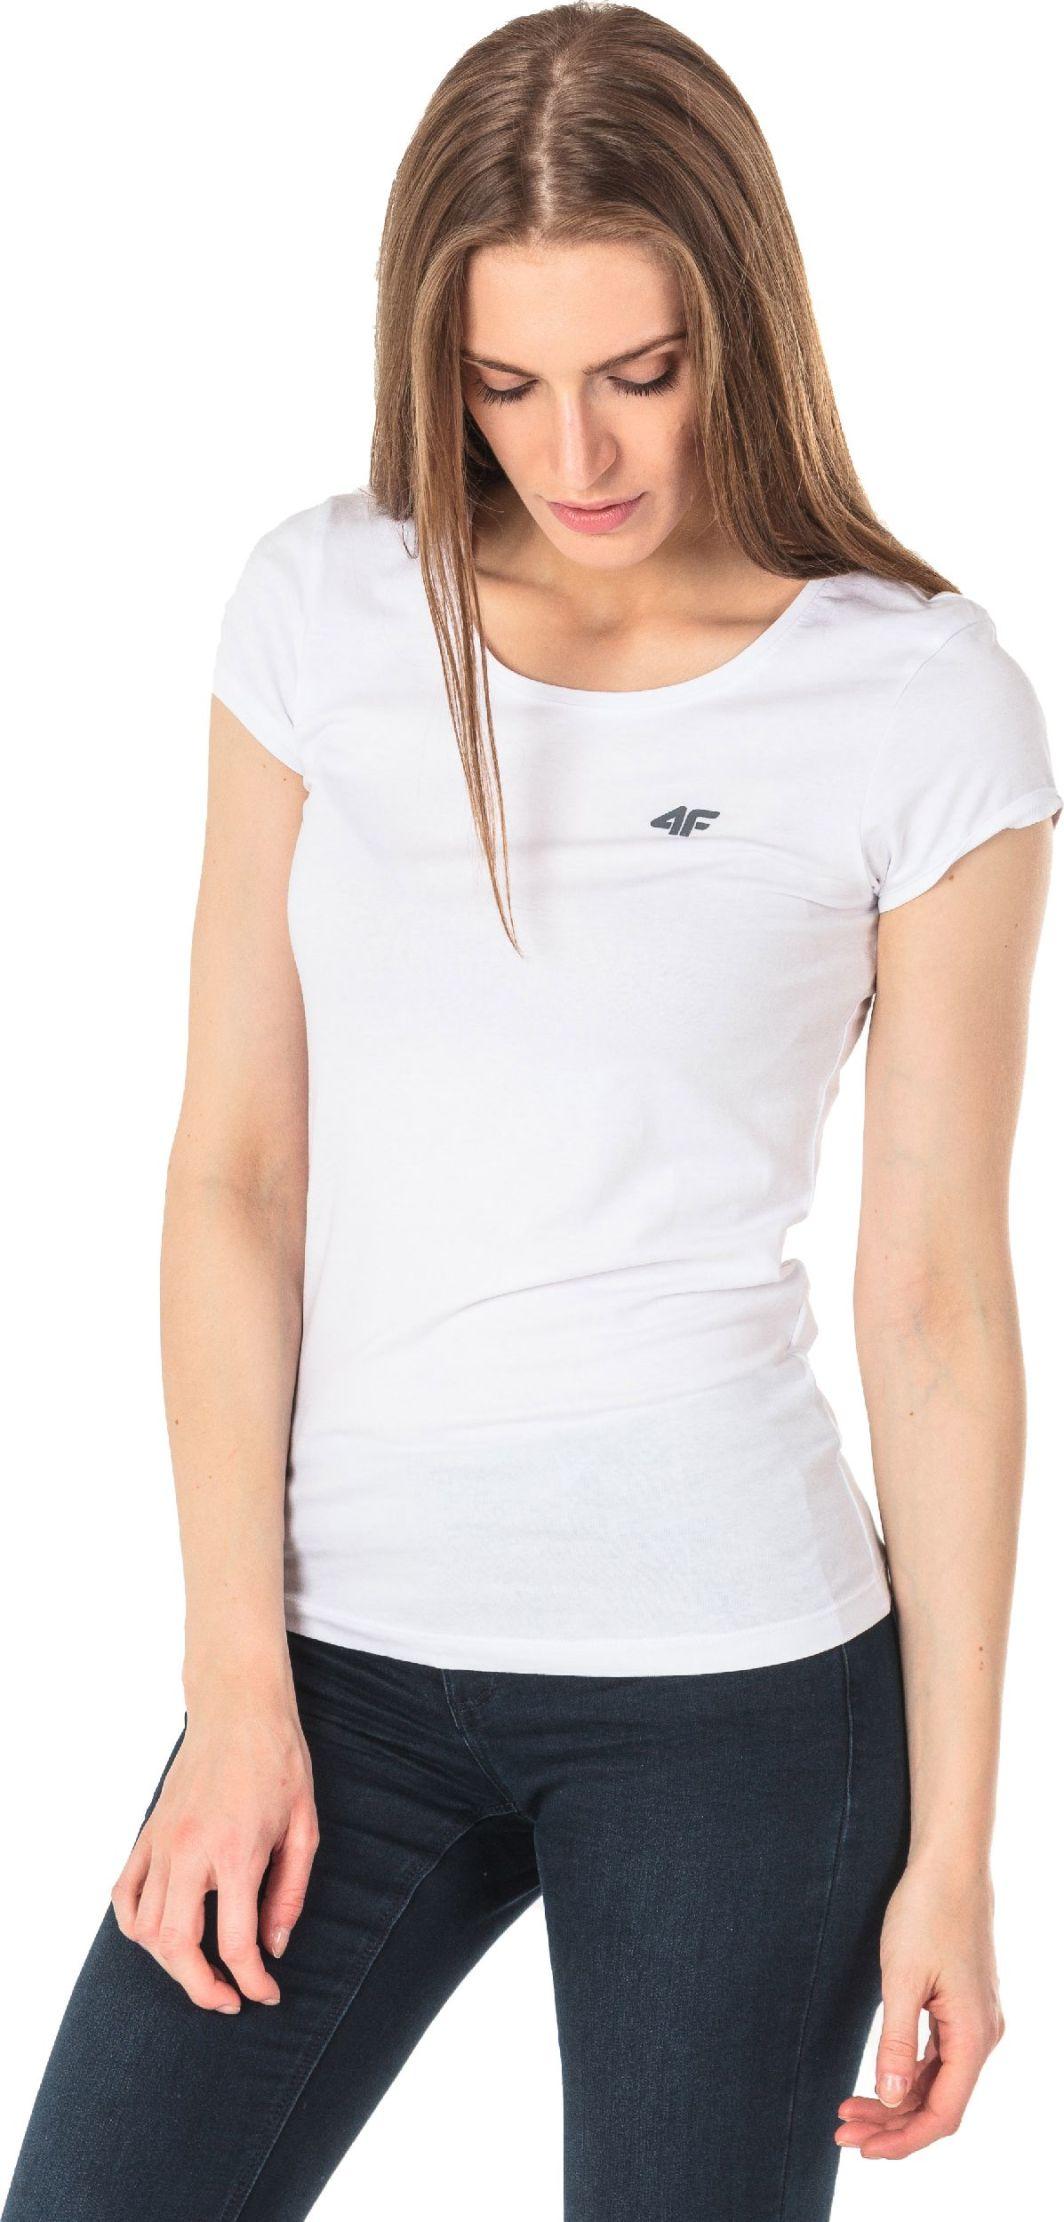 1e7c6d68992 4f Koszulka damska H4L18-TSD002 biała r. XXL w Sklep-presto.pl